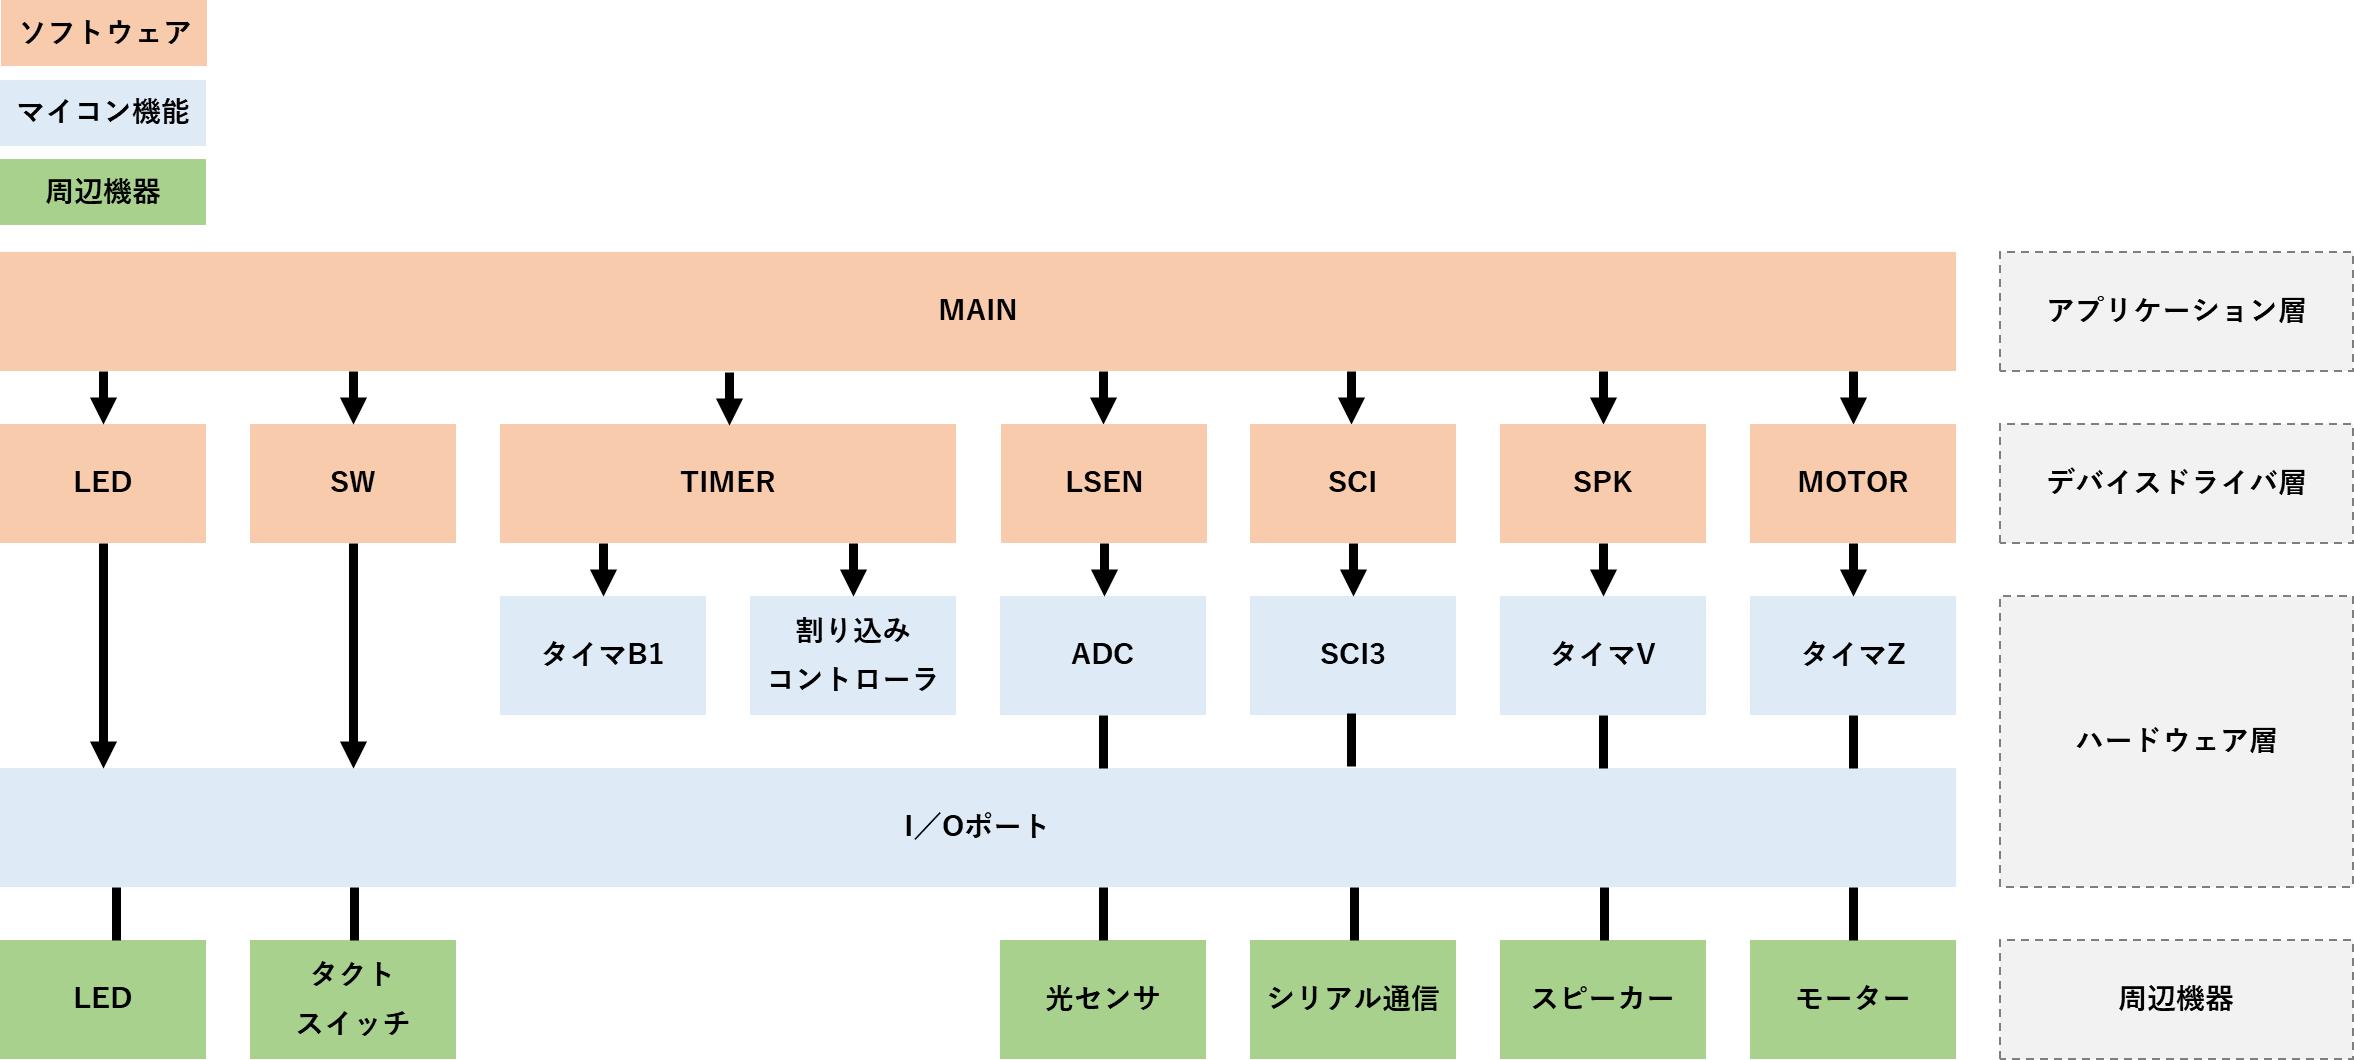 モジュール構成図